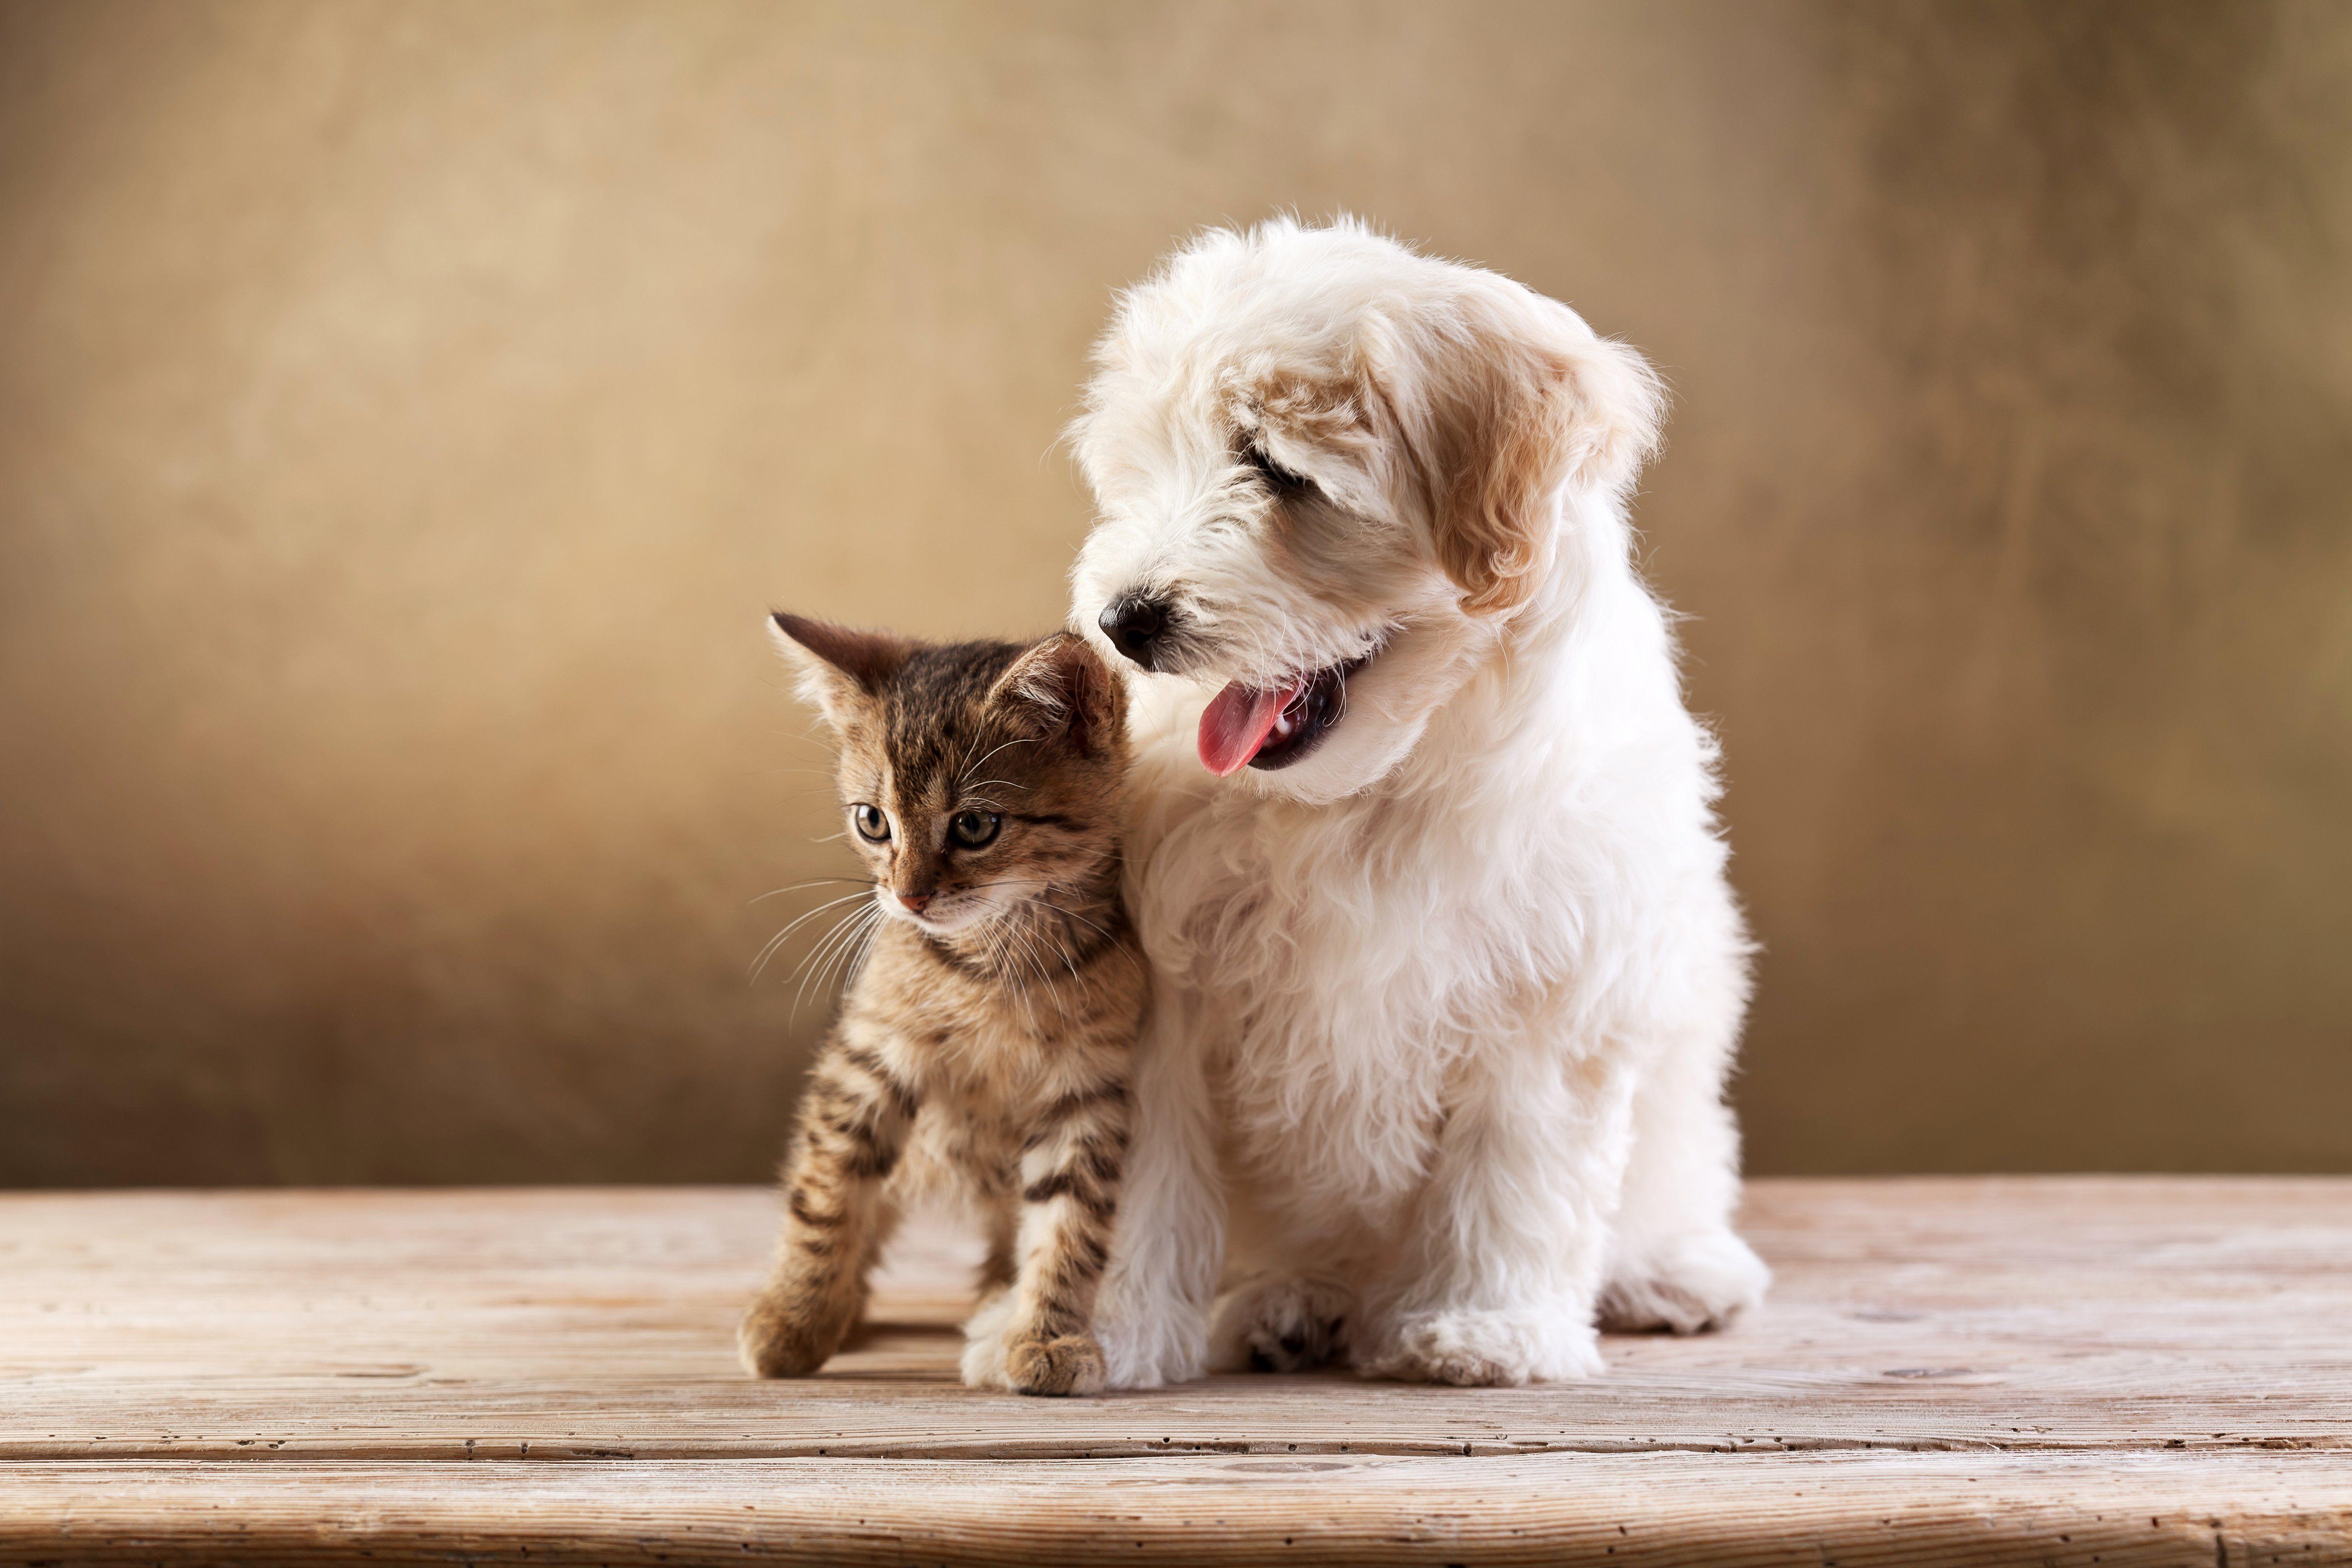 Kitten And Puppy Wallpaper Kitten Wallpaper Kittens And Puppies Pets